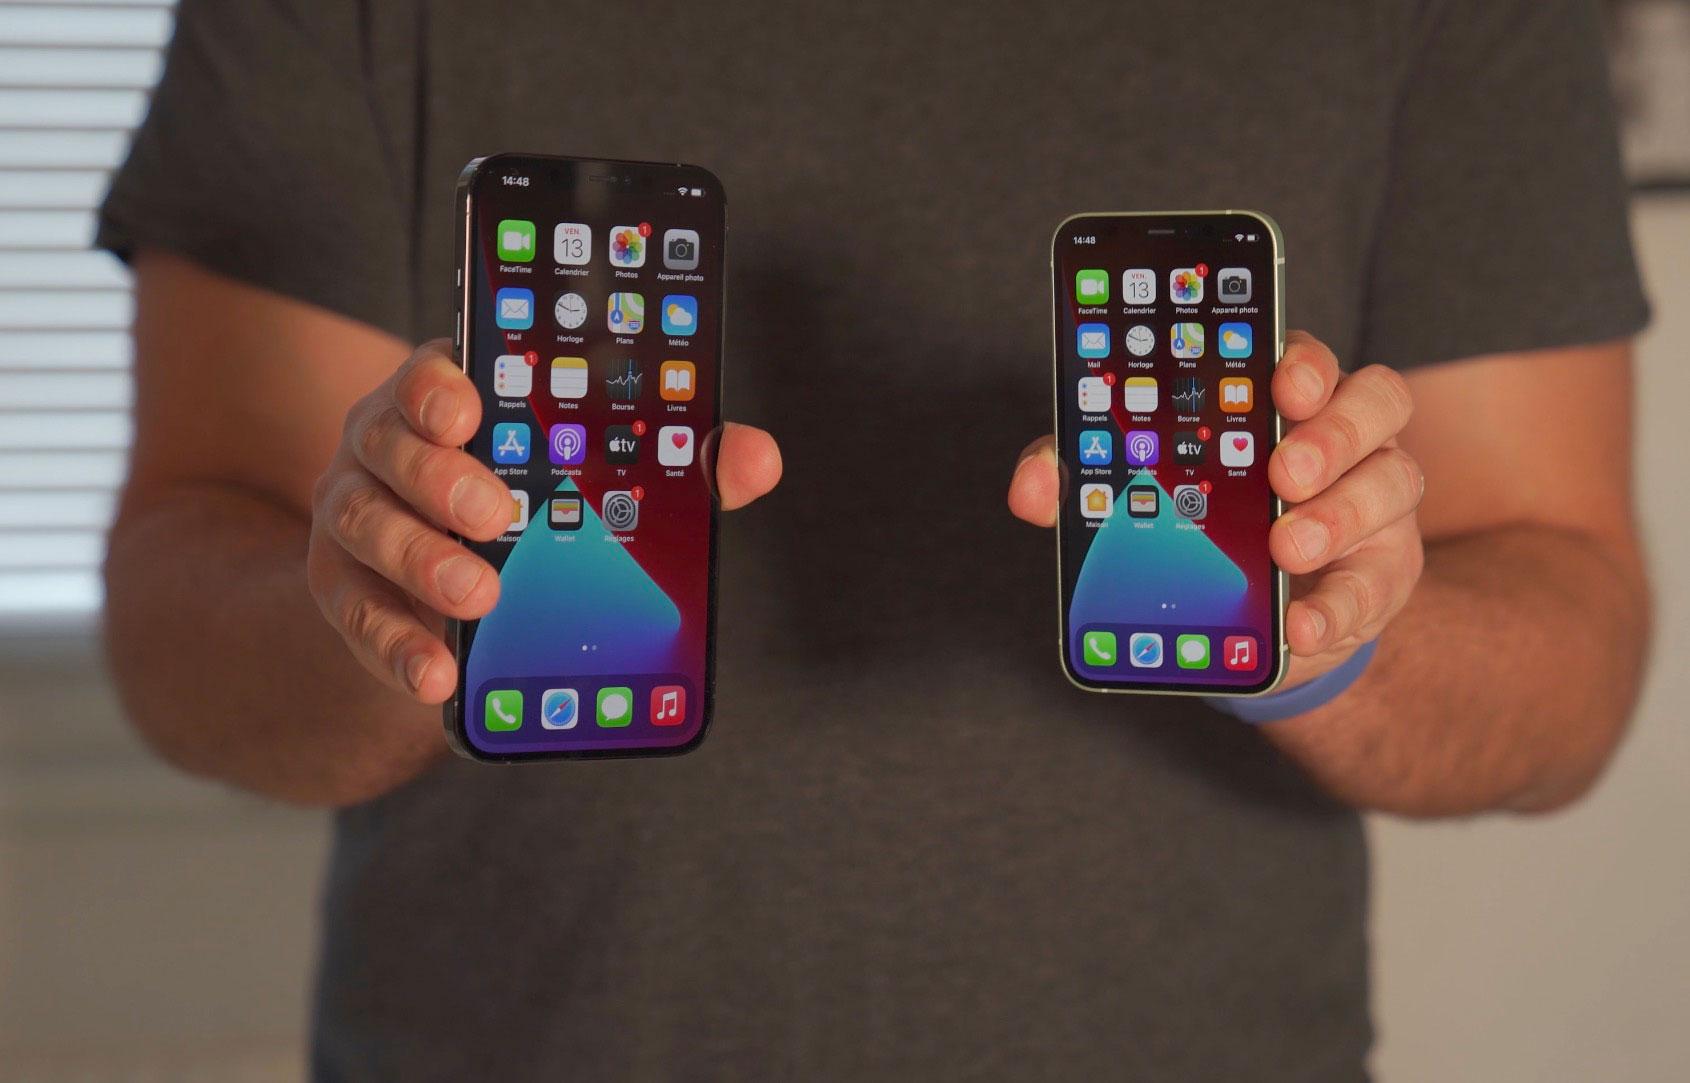 L'iPhone 12 Pro Max aux côtés de l'iPhone 12 Mini, une différence de taille